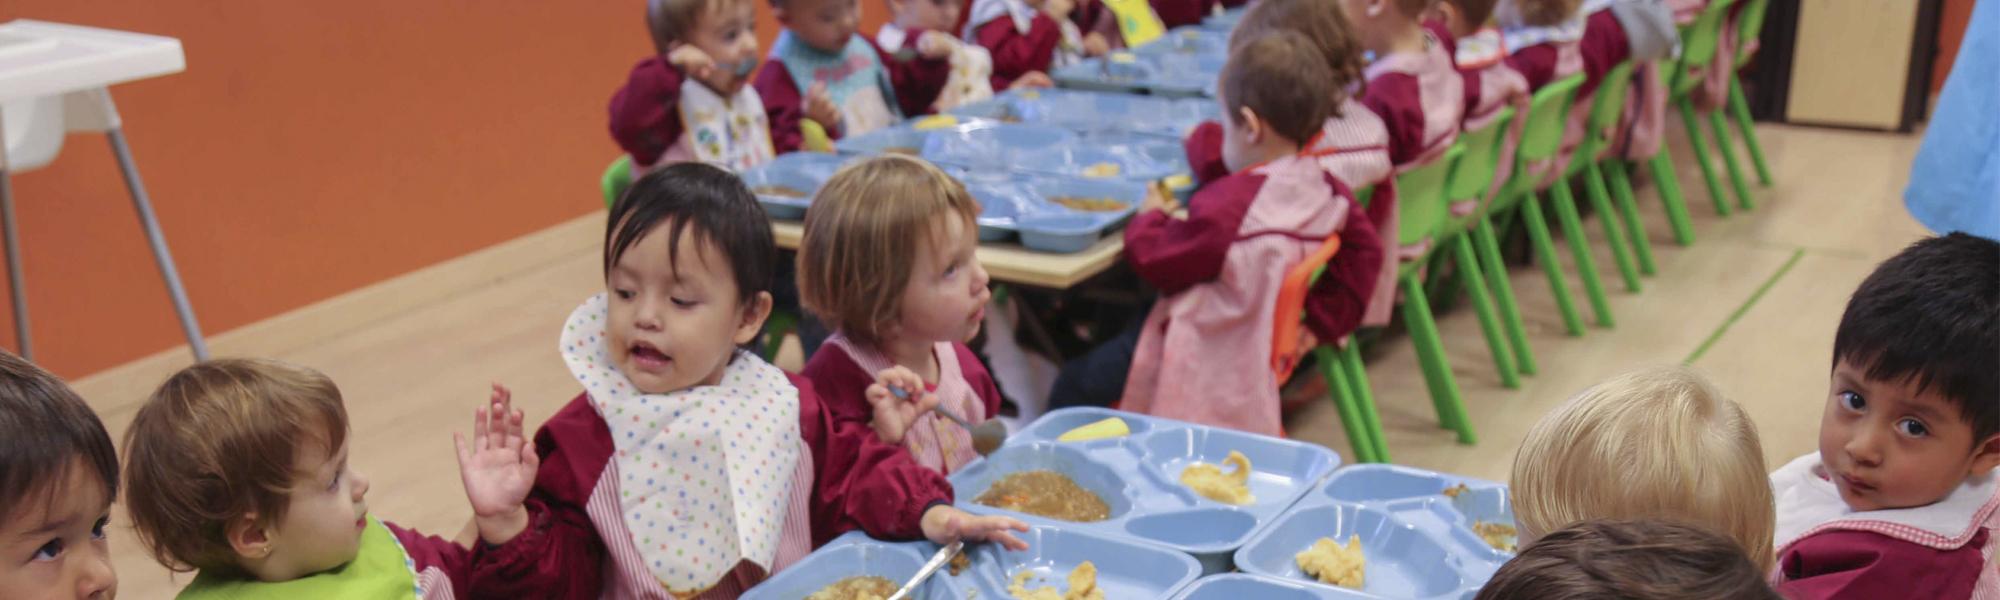 Servicio de comedor Escuela Infantil El Porvenir